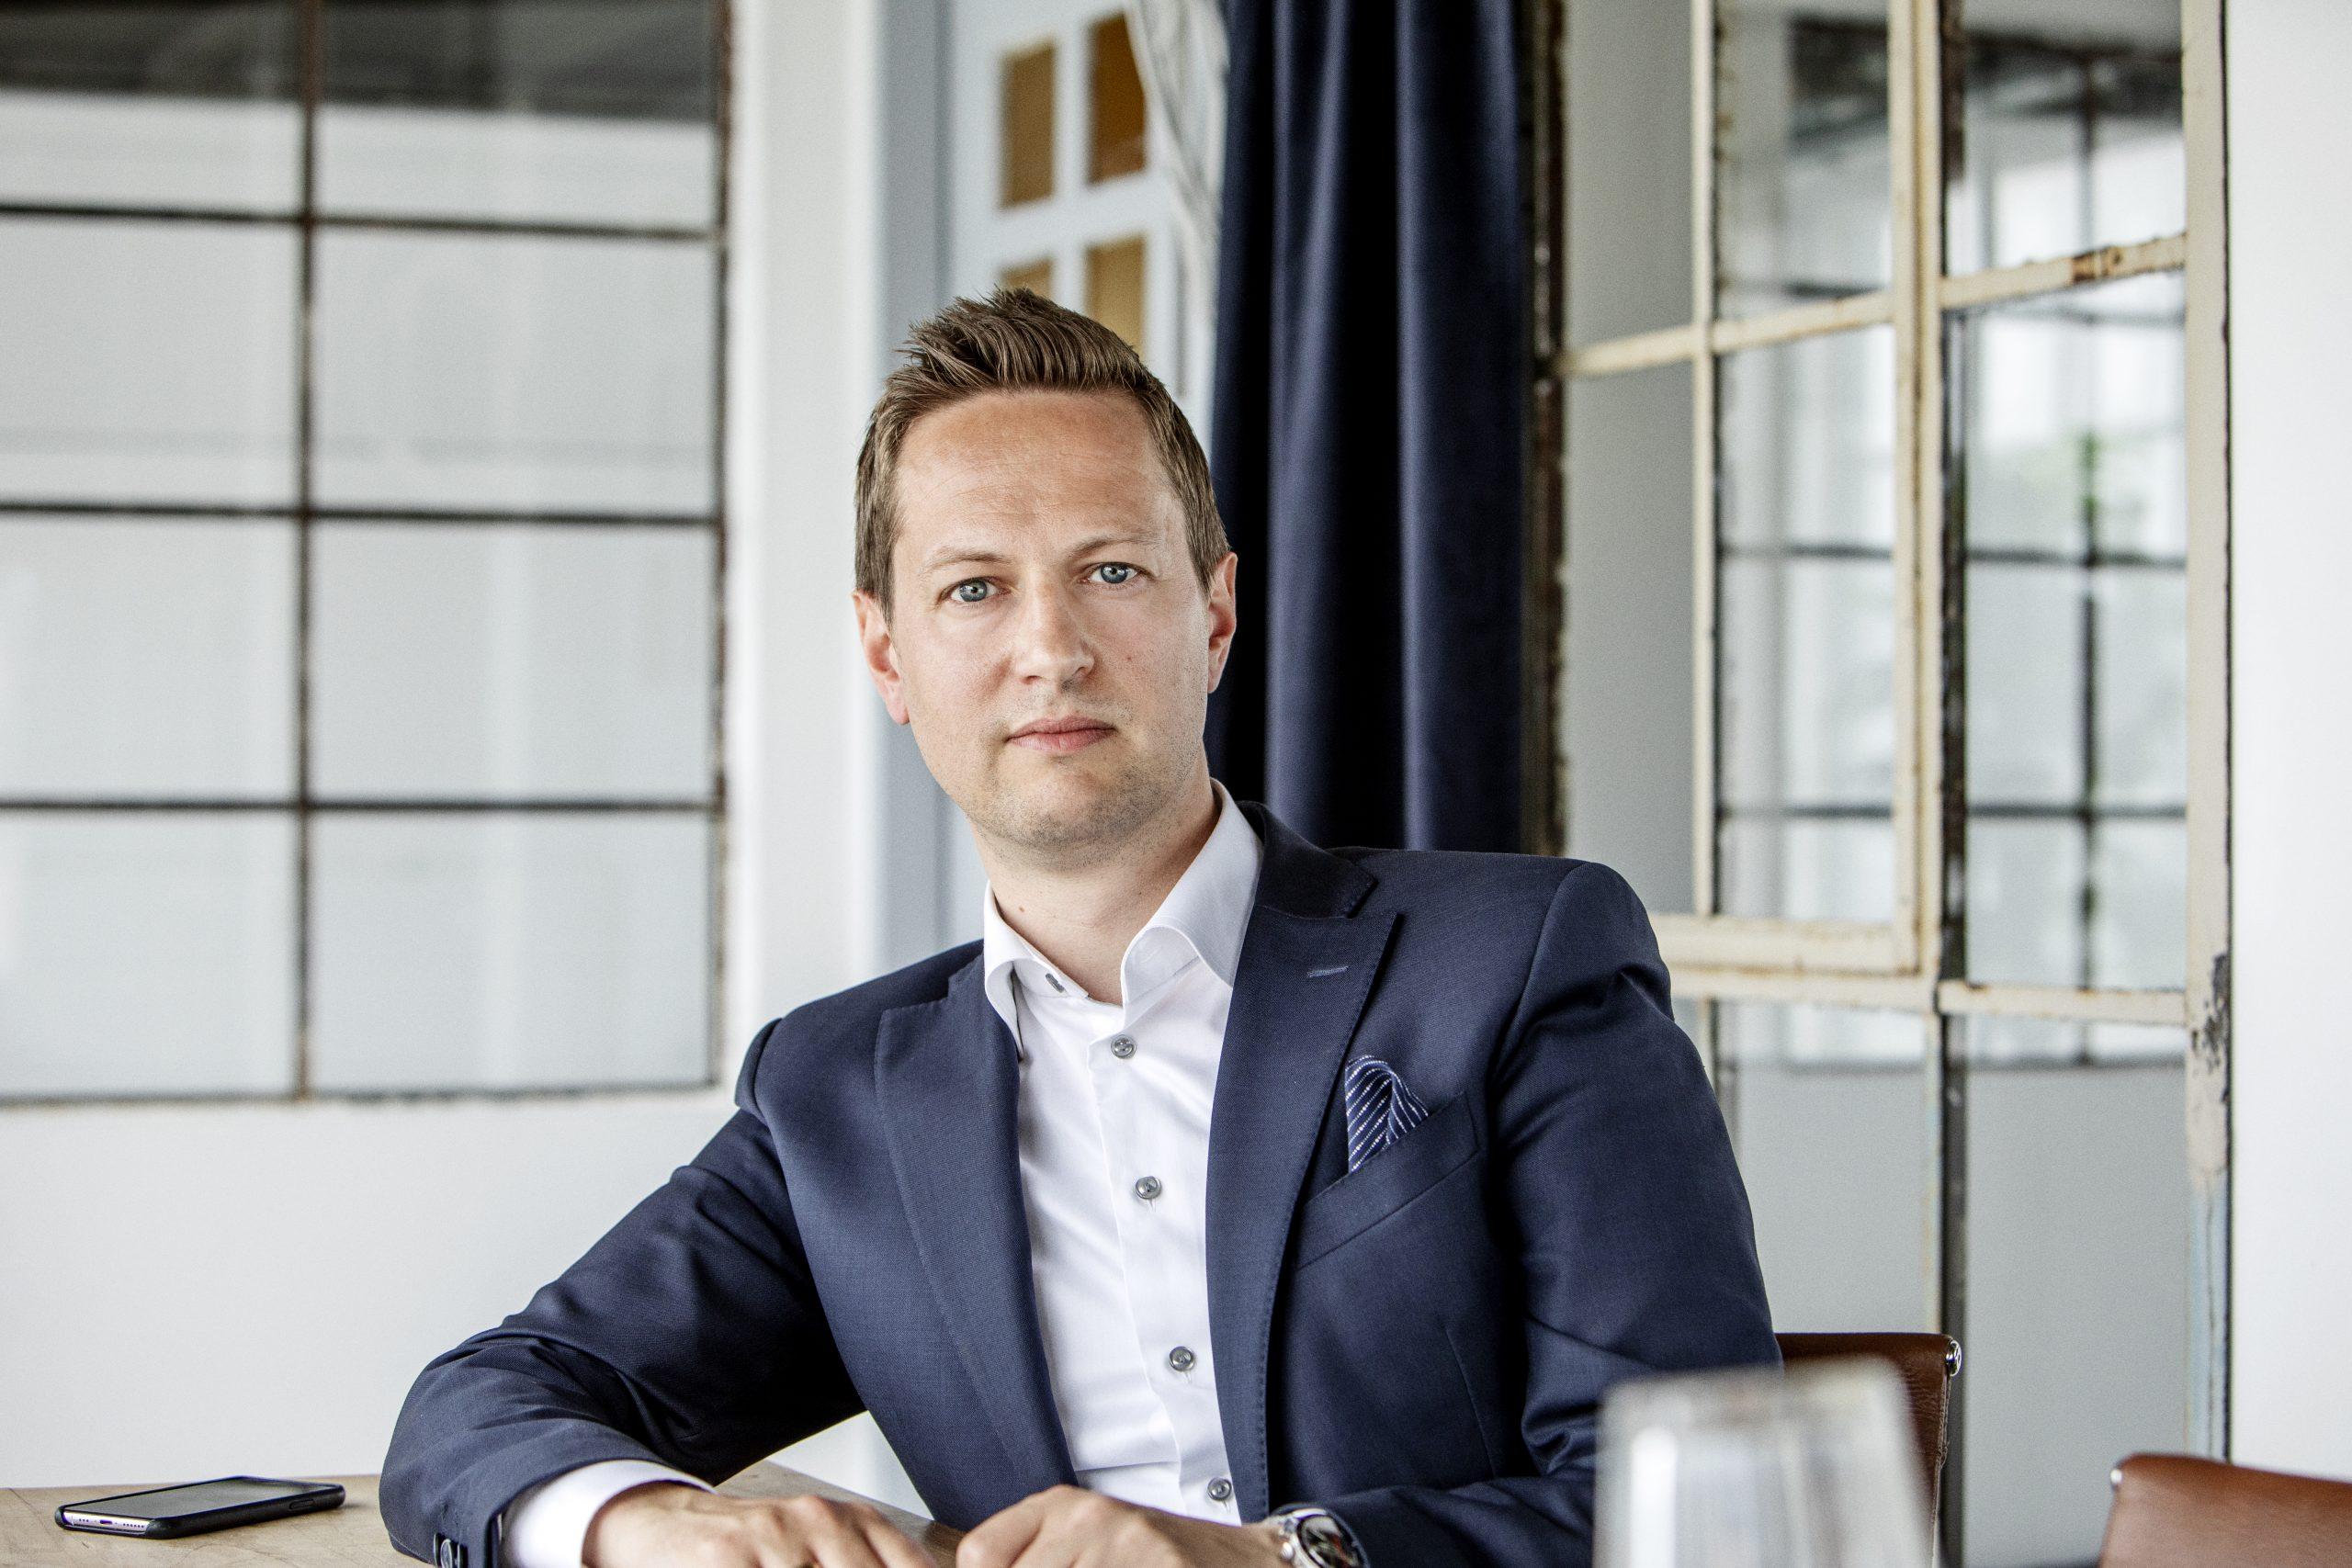 Christen Bagger, der sidste efterår stoppede som direktør hos Nordic Choice Hotels. Foto: Jens Rosenfeldt.